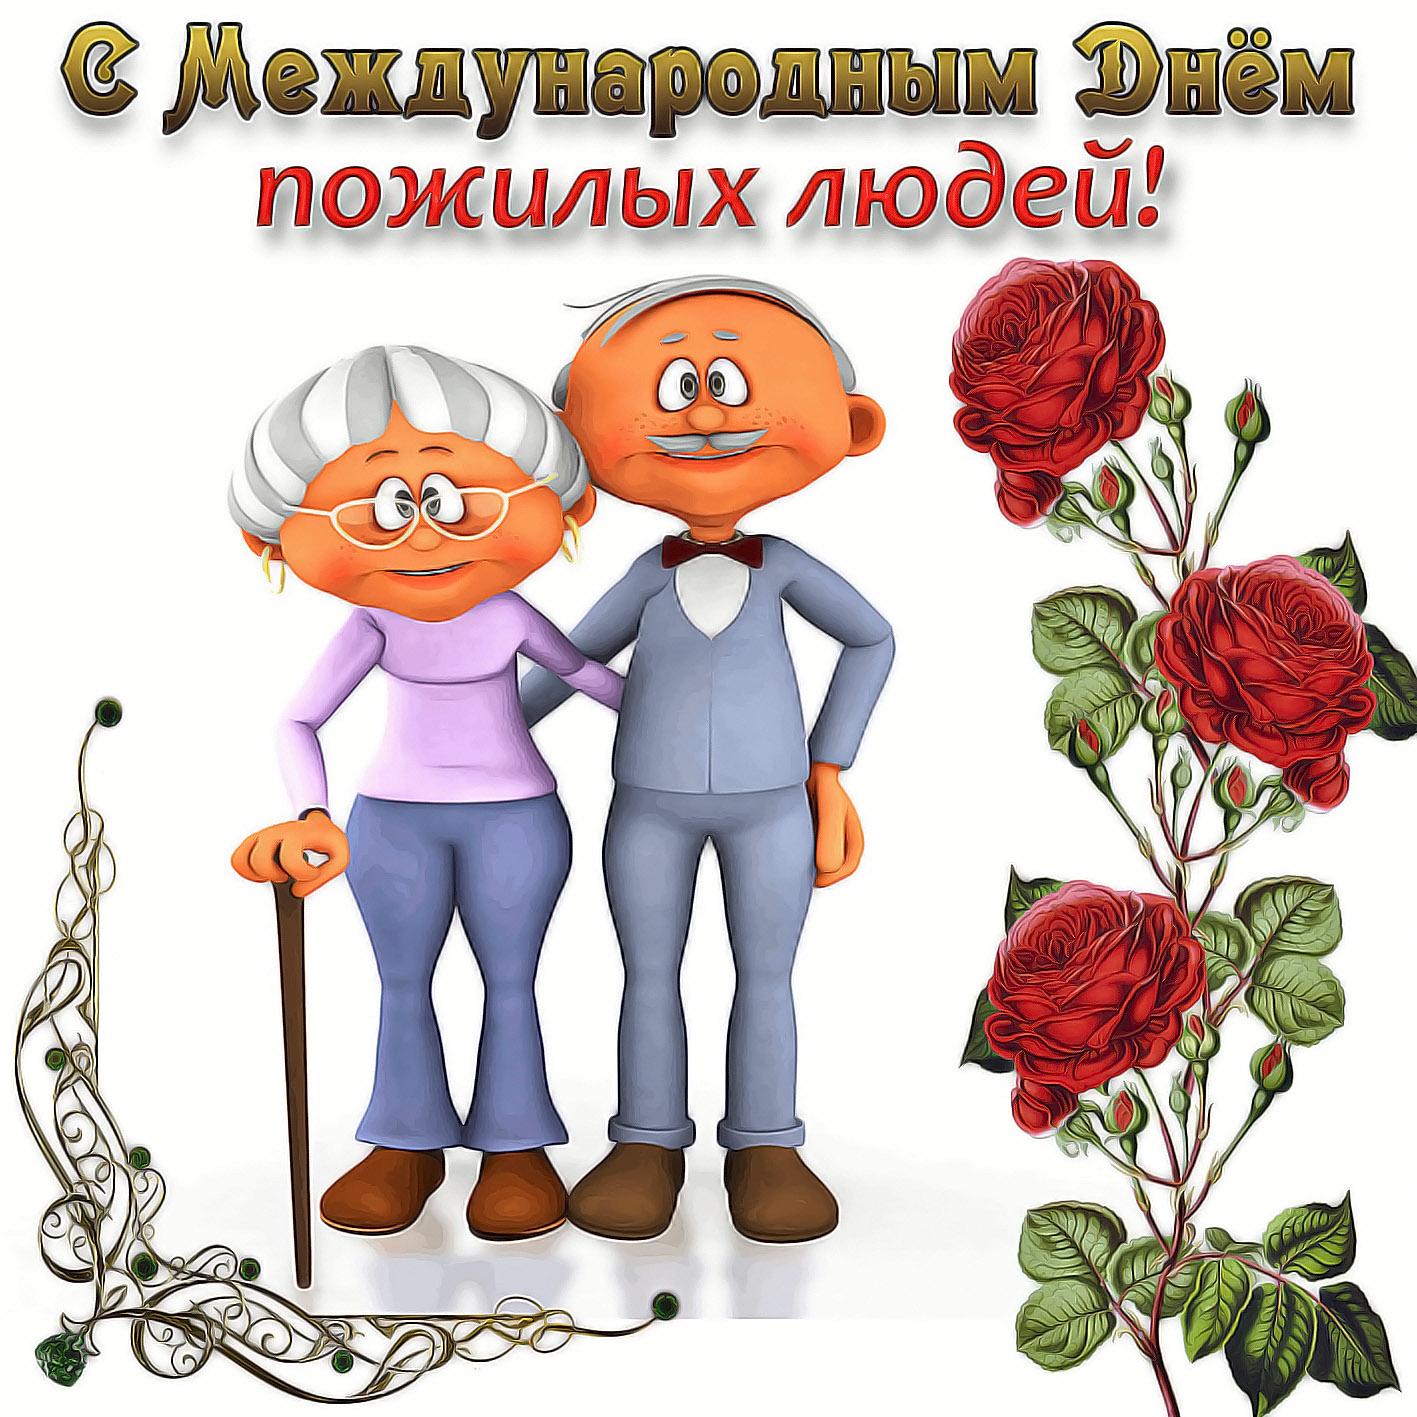 Картинка с поздравлением день пожилого человека